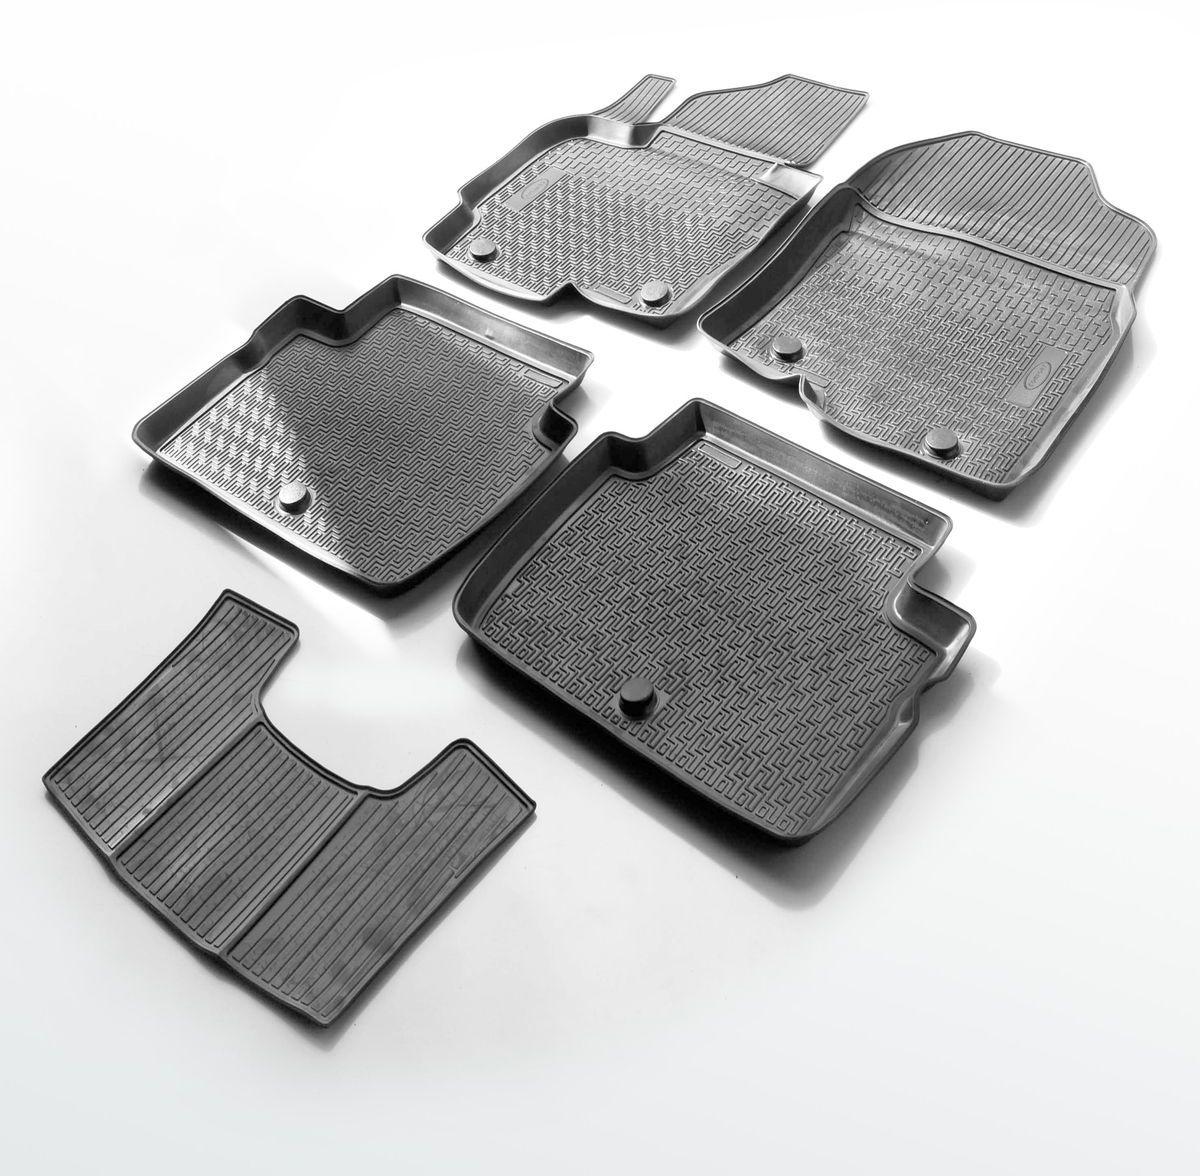 Коврики салона Rival для Renault Sandero 2014-, c перемычкой, полиуретан0014703003Прочные и долговечные коврики Rival в салон автомобиля, изготовлены из высококачественного и экологичного сырья, полностью повторяют геометрию салона вашего автомобиля. - Надежная система крепления, позволяющая закрепить коврик на штатные элементы фиксации, в результате чего отсутствует эффект скольжения по салону автомобиля. - Высокая стойкость поверхности к стиранию. - Специализированный рисунок и высокий борт, препятствующие распространению грязи и жидкости по поверхности коврика. - Перемычка задних ковриков в комплекте предотвращает загрязнение тоннеля карданного вала. - Произведены из первичных материалов, в результате чего отсутствует неприятный запах в салоне автомобиля. - Высокая эластичность, можно беспрепятственно эксплуатировать при температуре от -45 ?C до +45 ?C. Уважаемые клиенты! Обращаем ваше внимание, что коврики имеет форму соответствующую модели данного автомобиля. Фото служит для визуального восприятия товара.